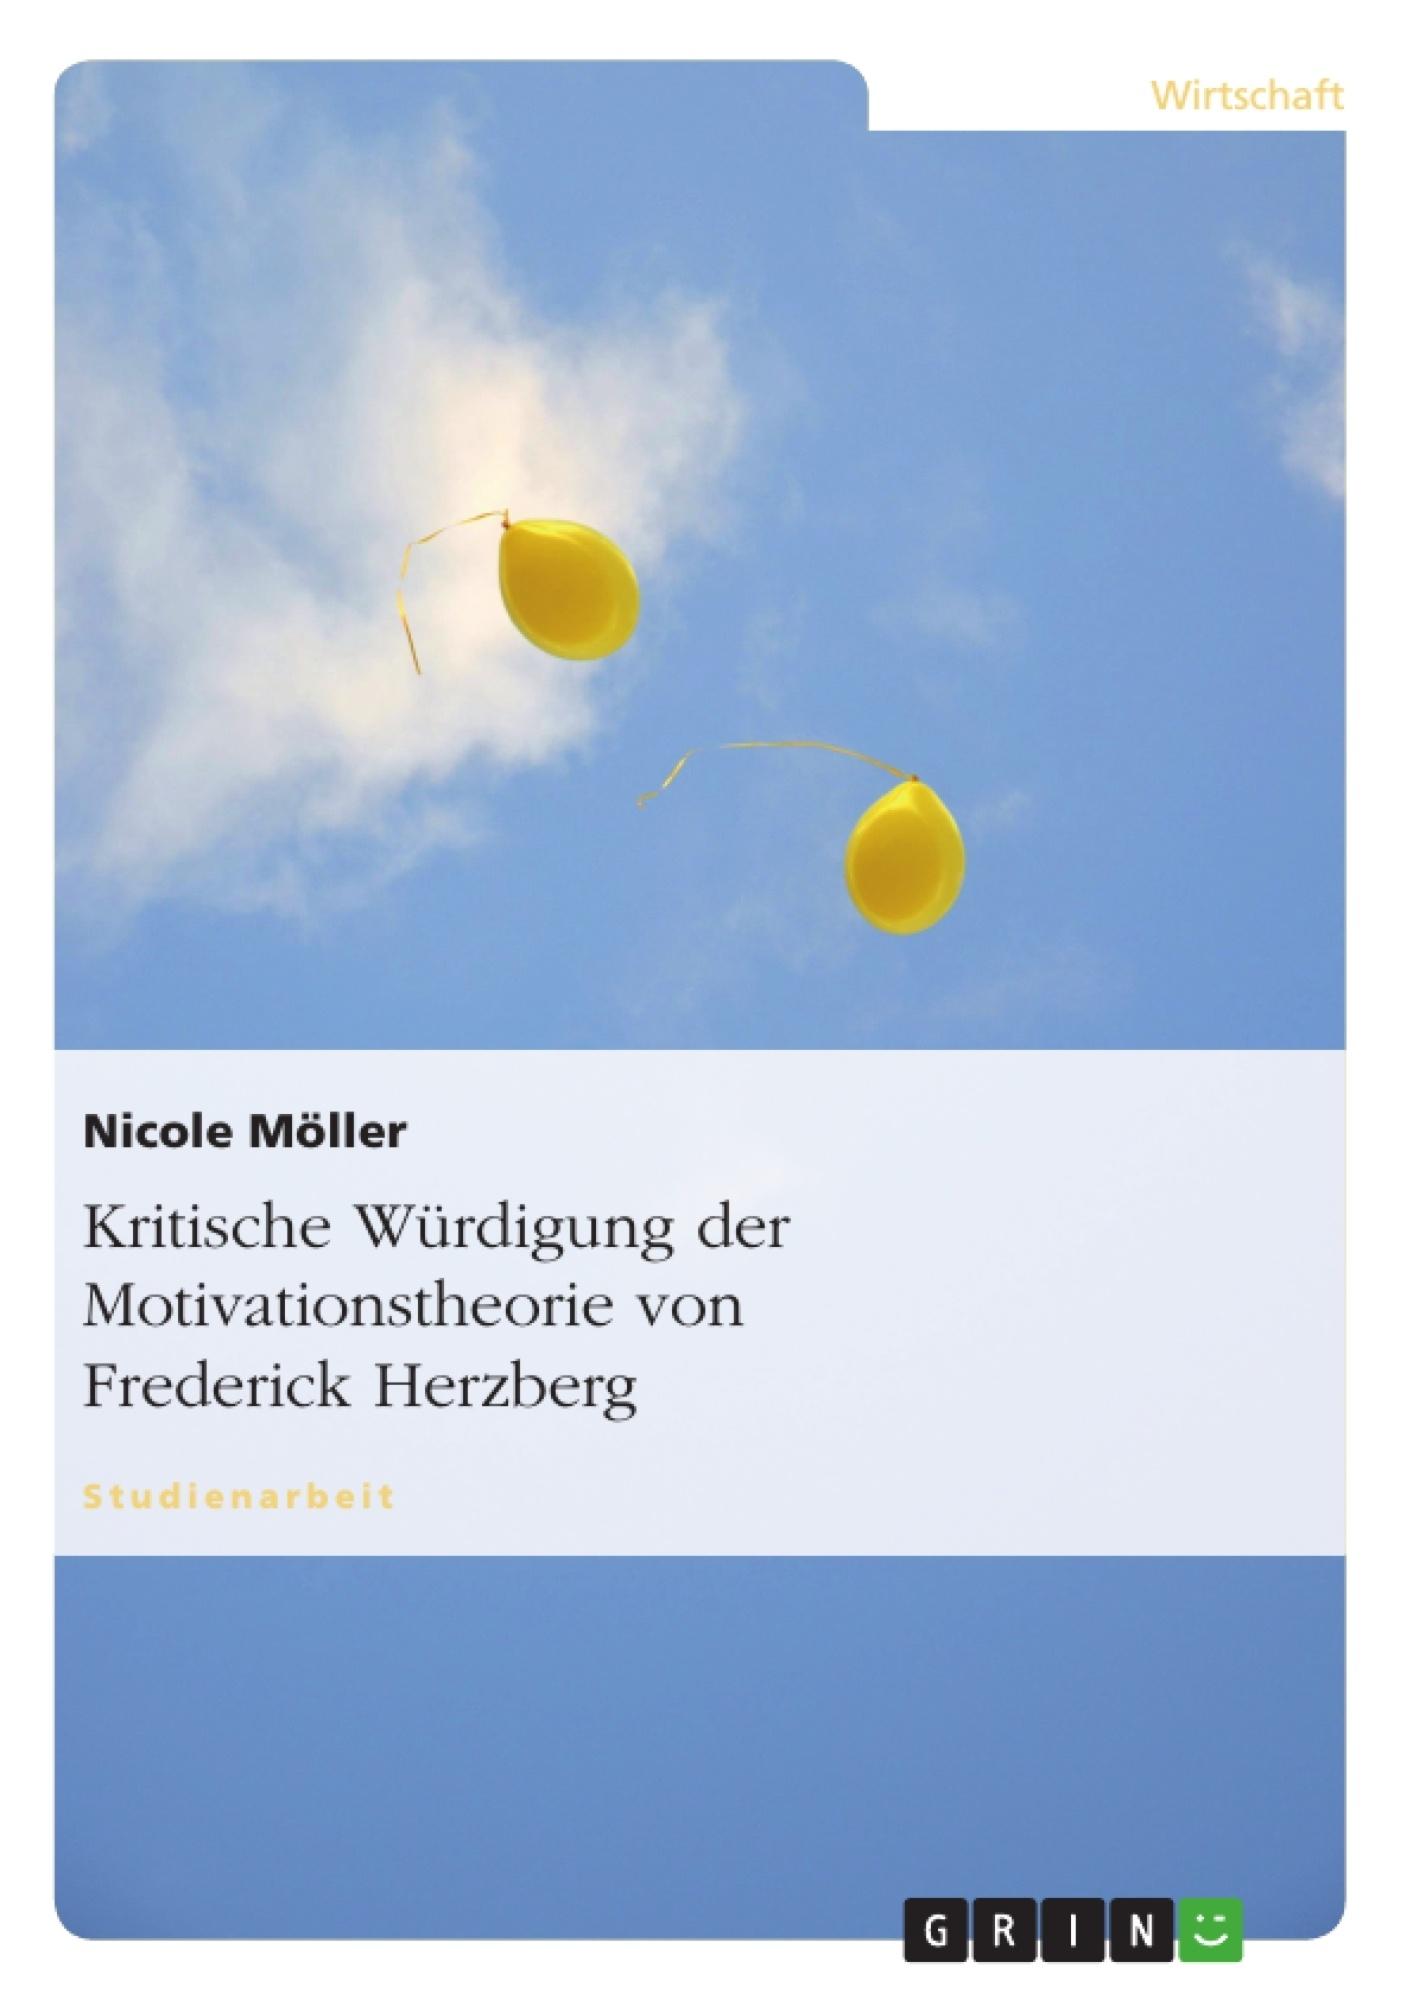 Titel: Kritische Würdigung der Motivationstheorie von Frederick Herzberg